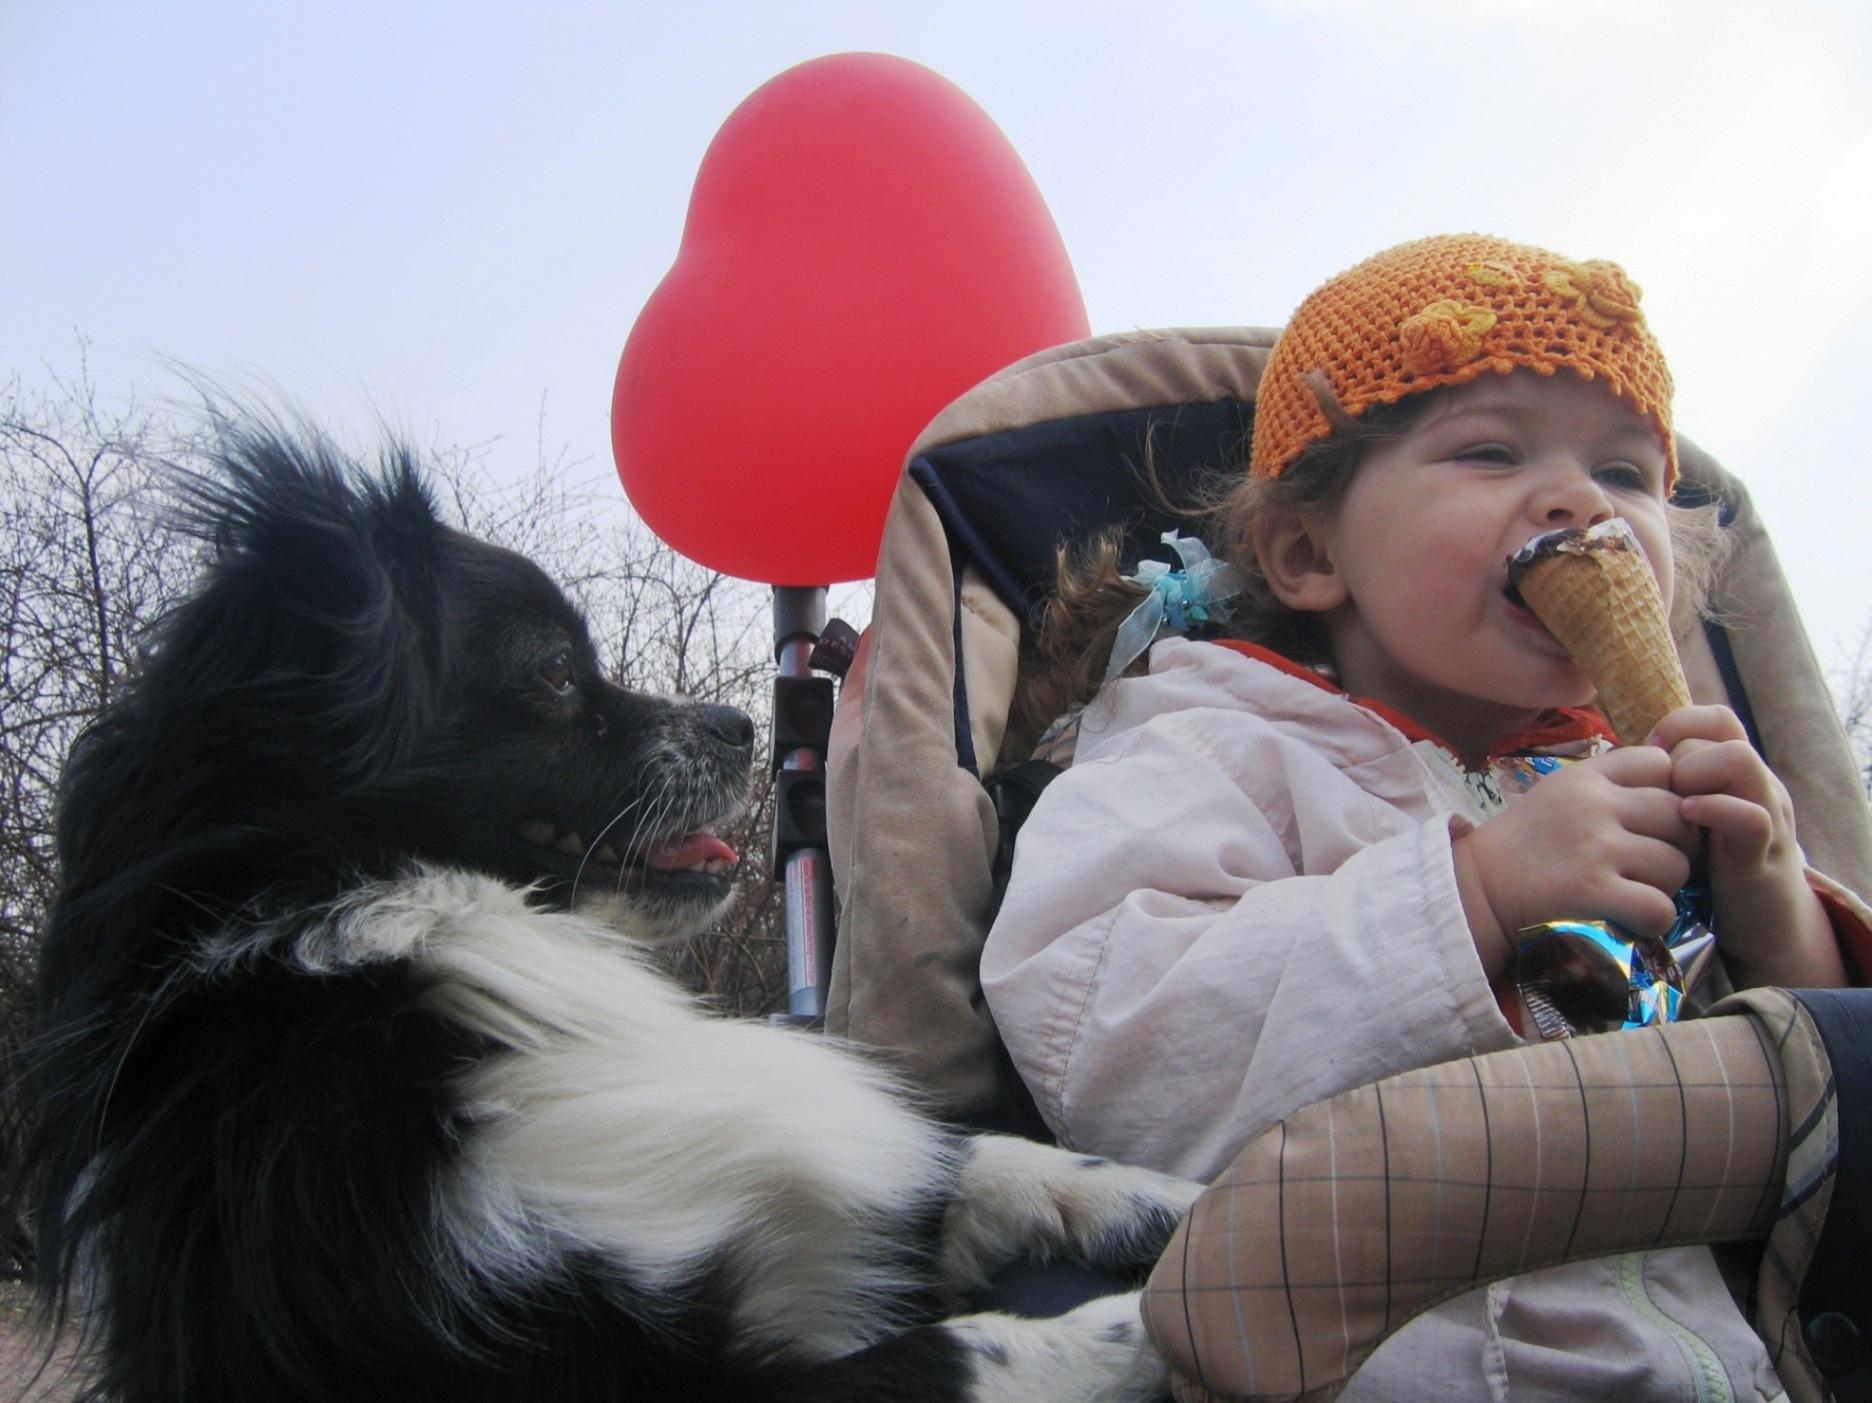 Гав, Катюшка, дай и  мне сладенького.... Это сладкое слово - прогулка!..